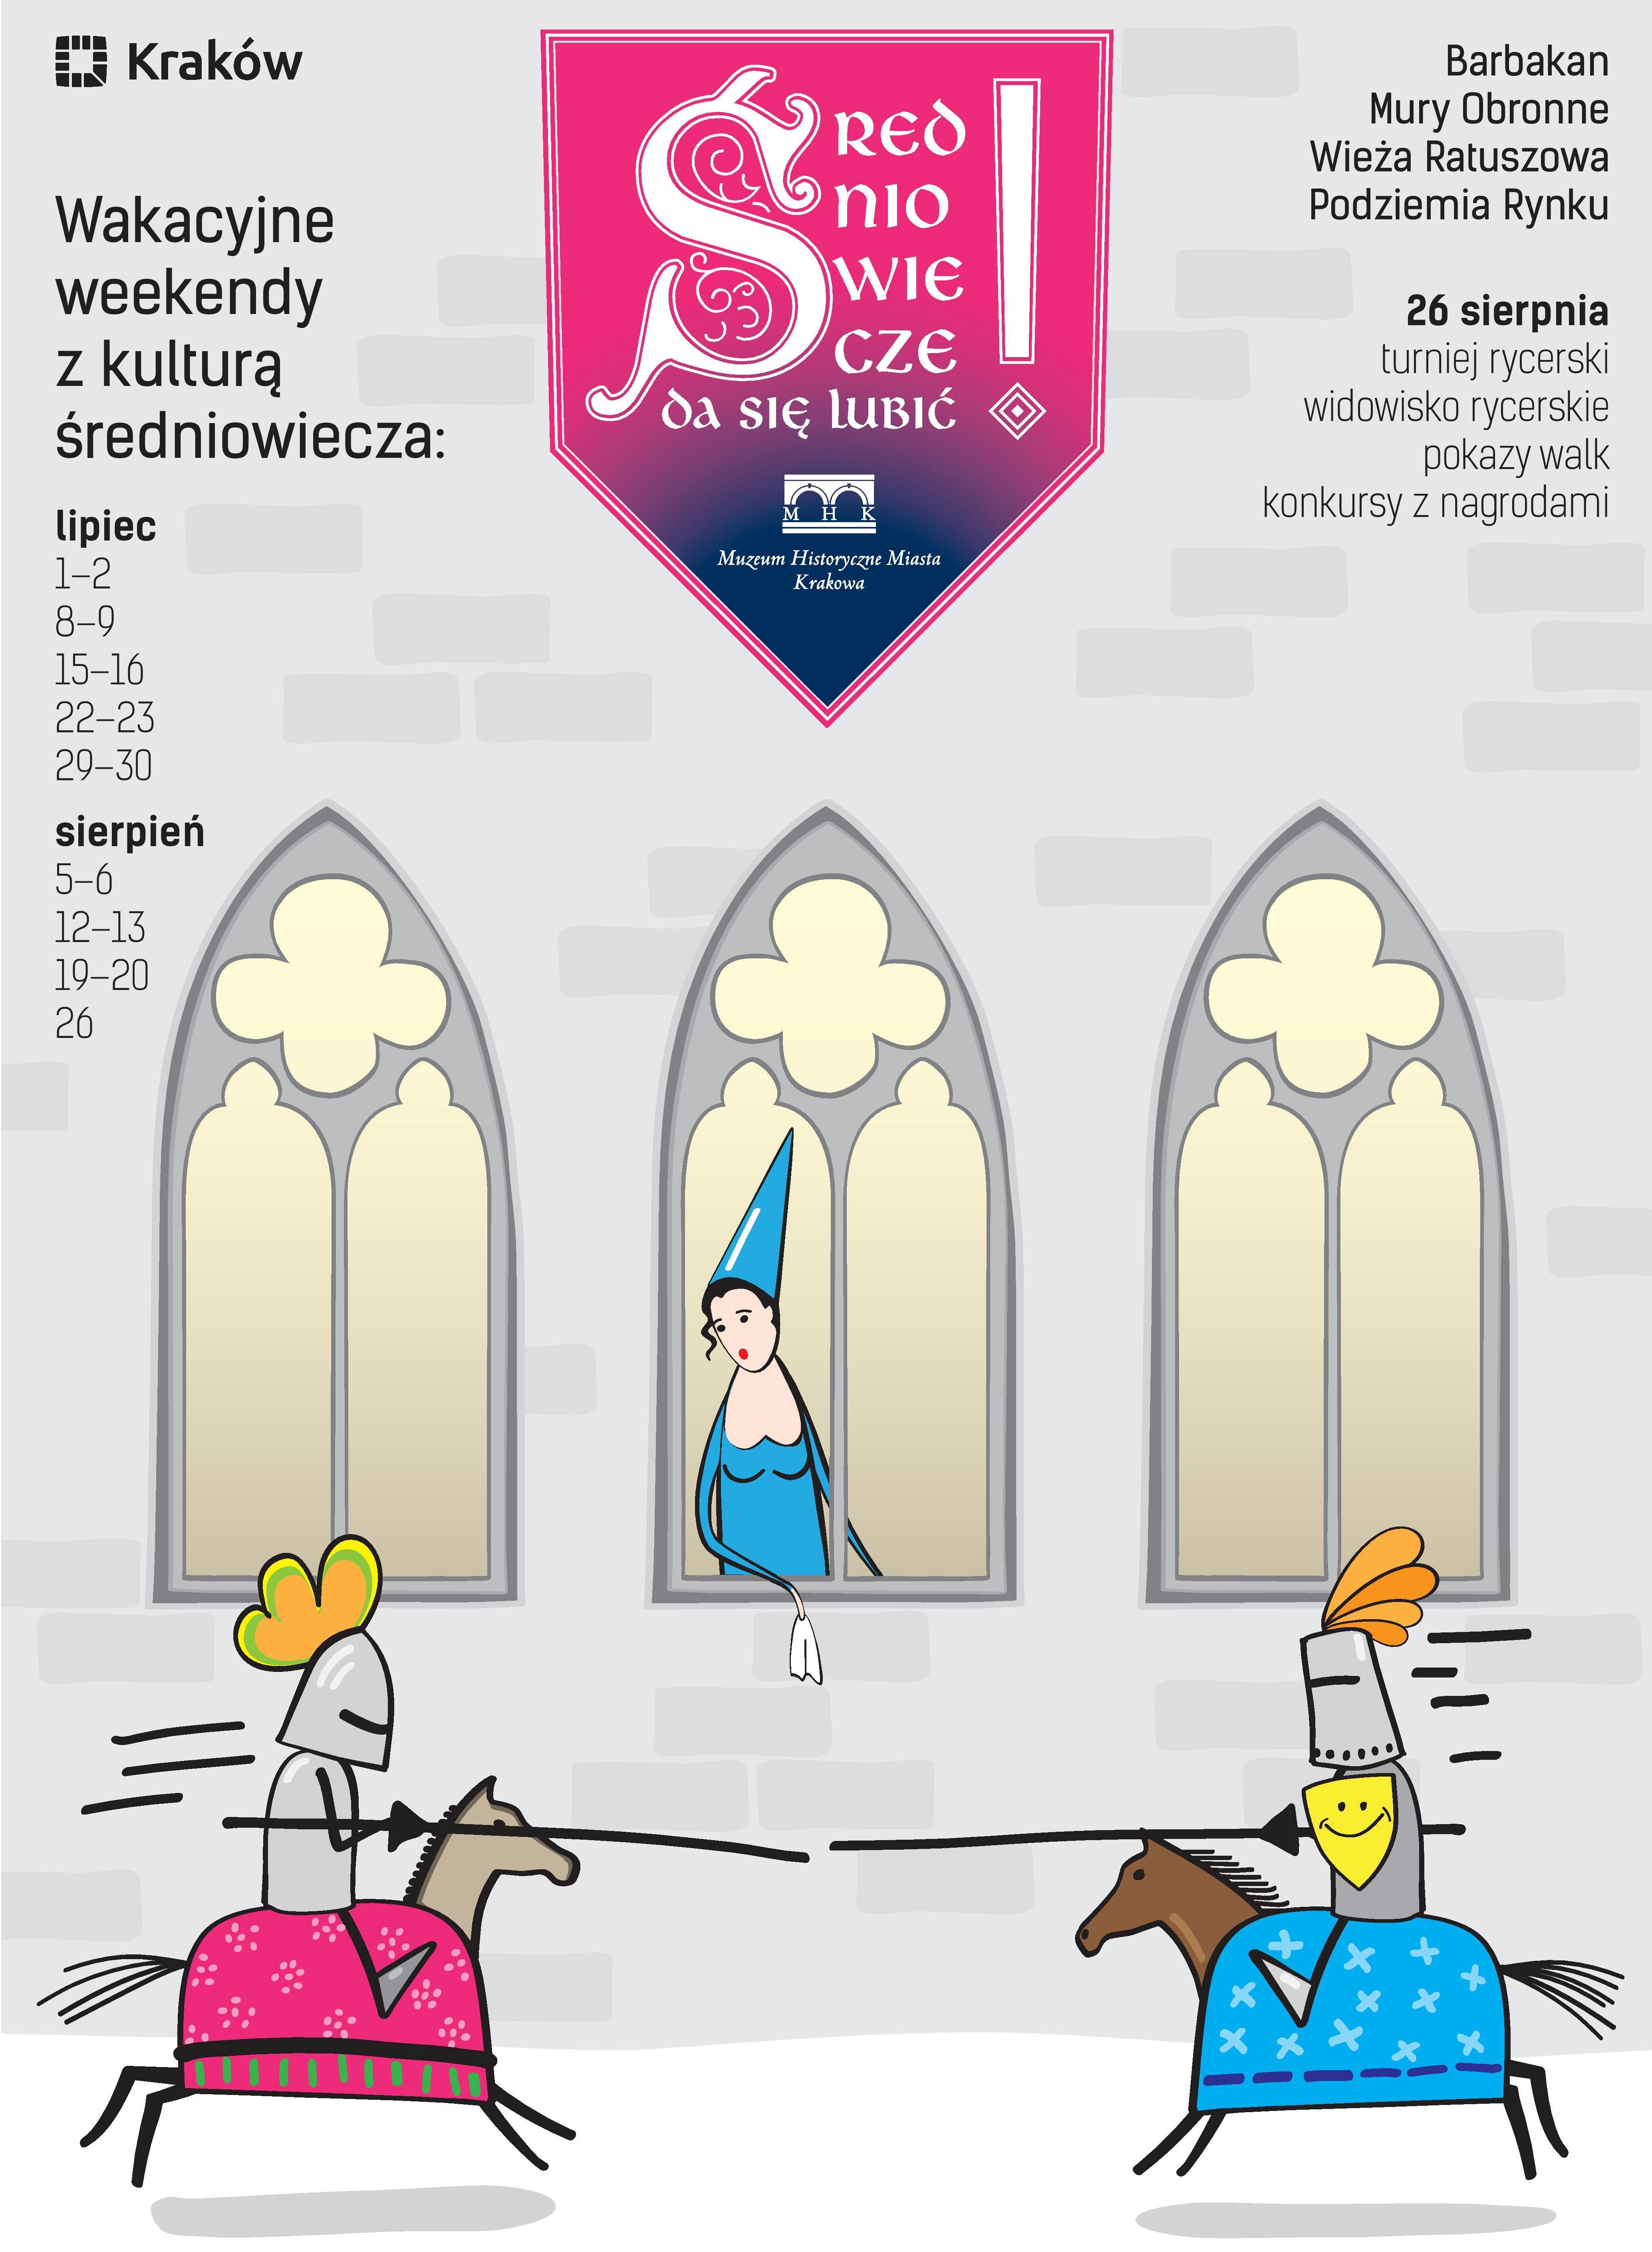 """""""Średniowiecze da się lubić"""" (źródło: materiały prasowe organizatora)"""